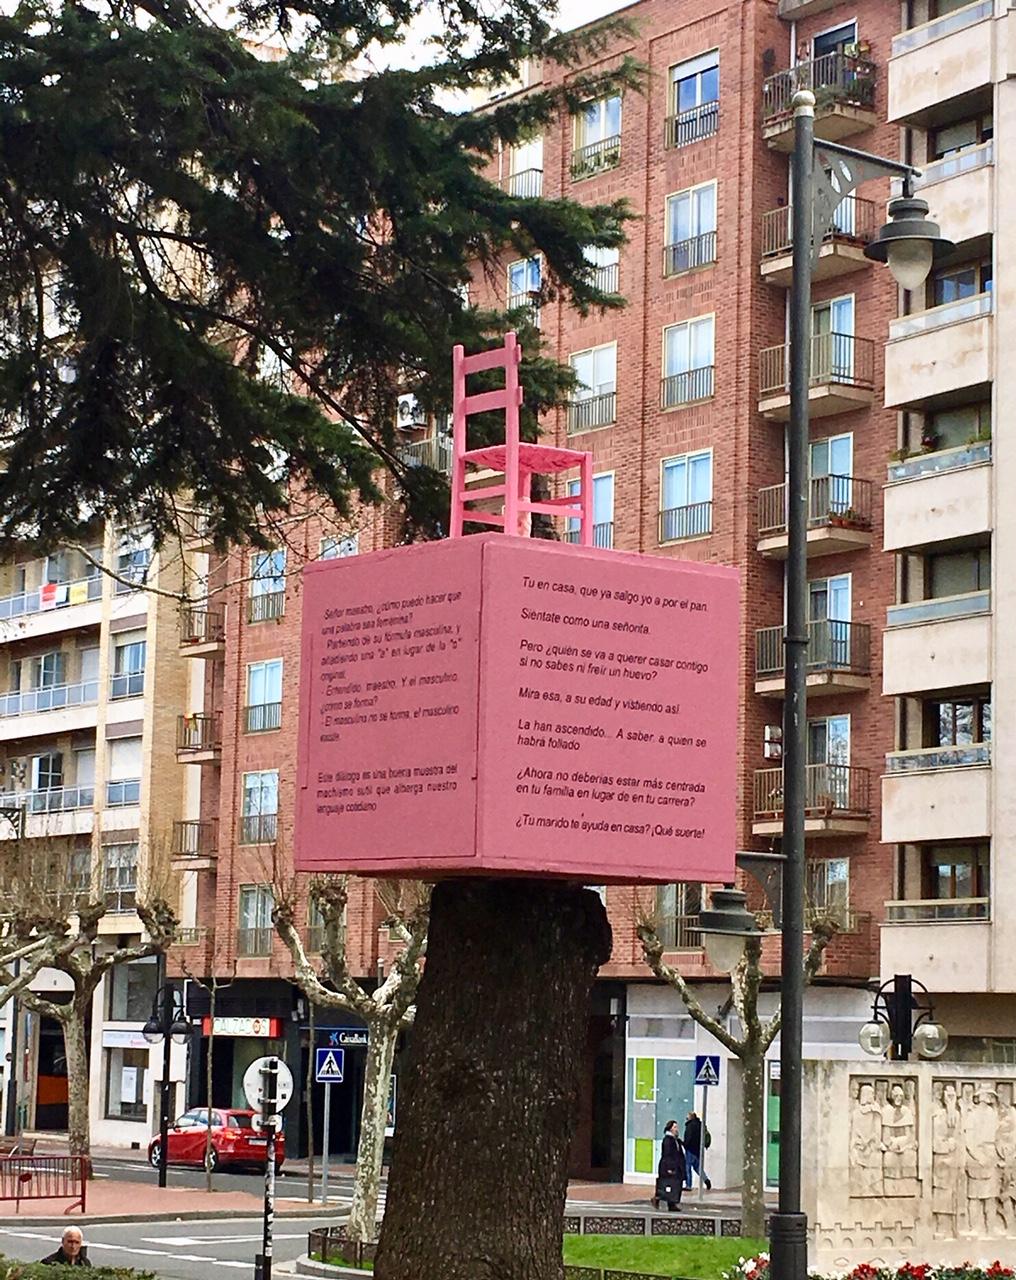 Festival de Mujeres en el Arte en La Rioja 2019